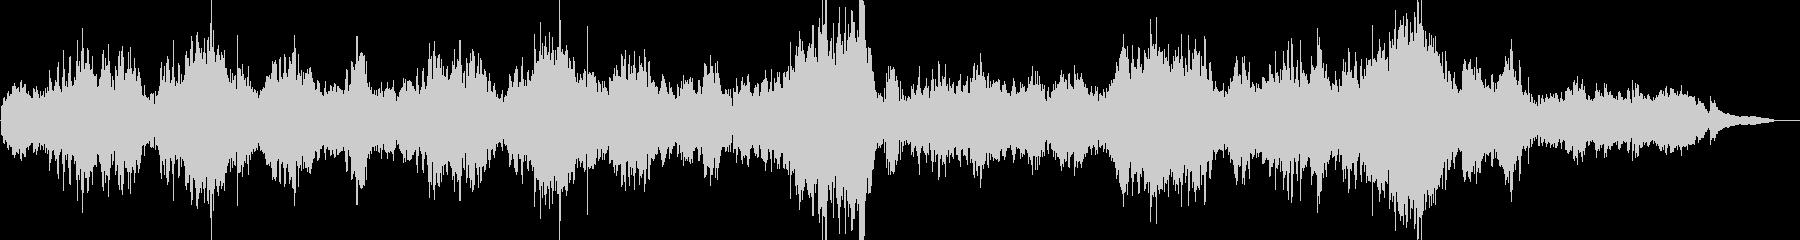 メンデルスゾーンの「言葉のない歌」...の未再生の波形